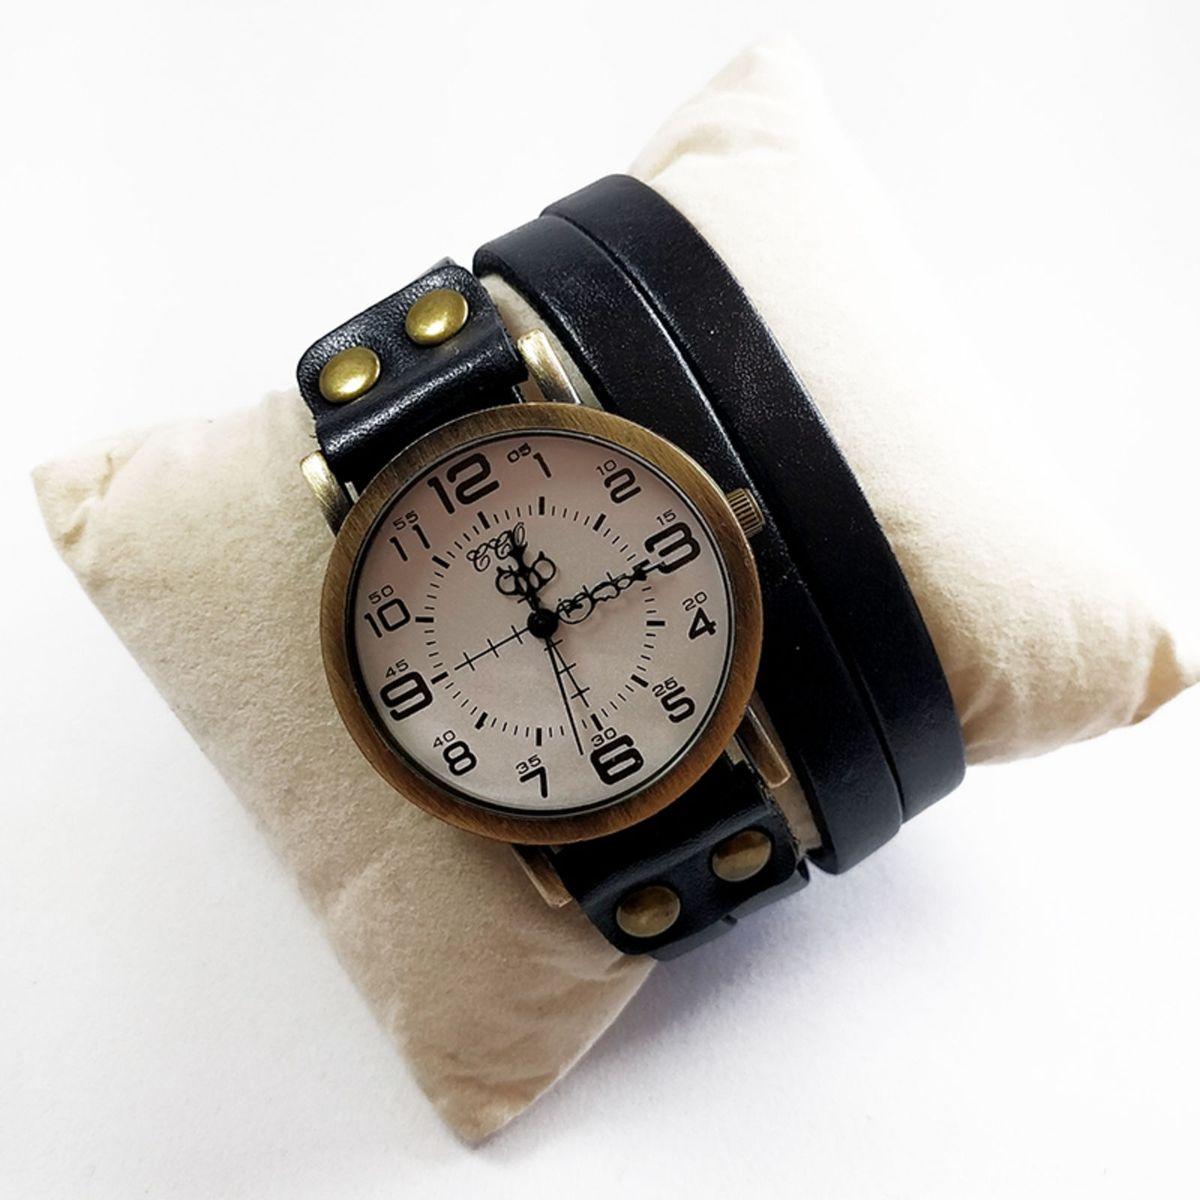 dd6083b6281 Relógio de Pulso Ccq Estilo Bracelete Volta Dupla Pulseira Couro .